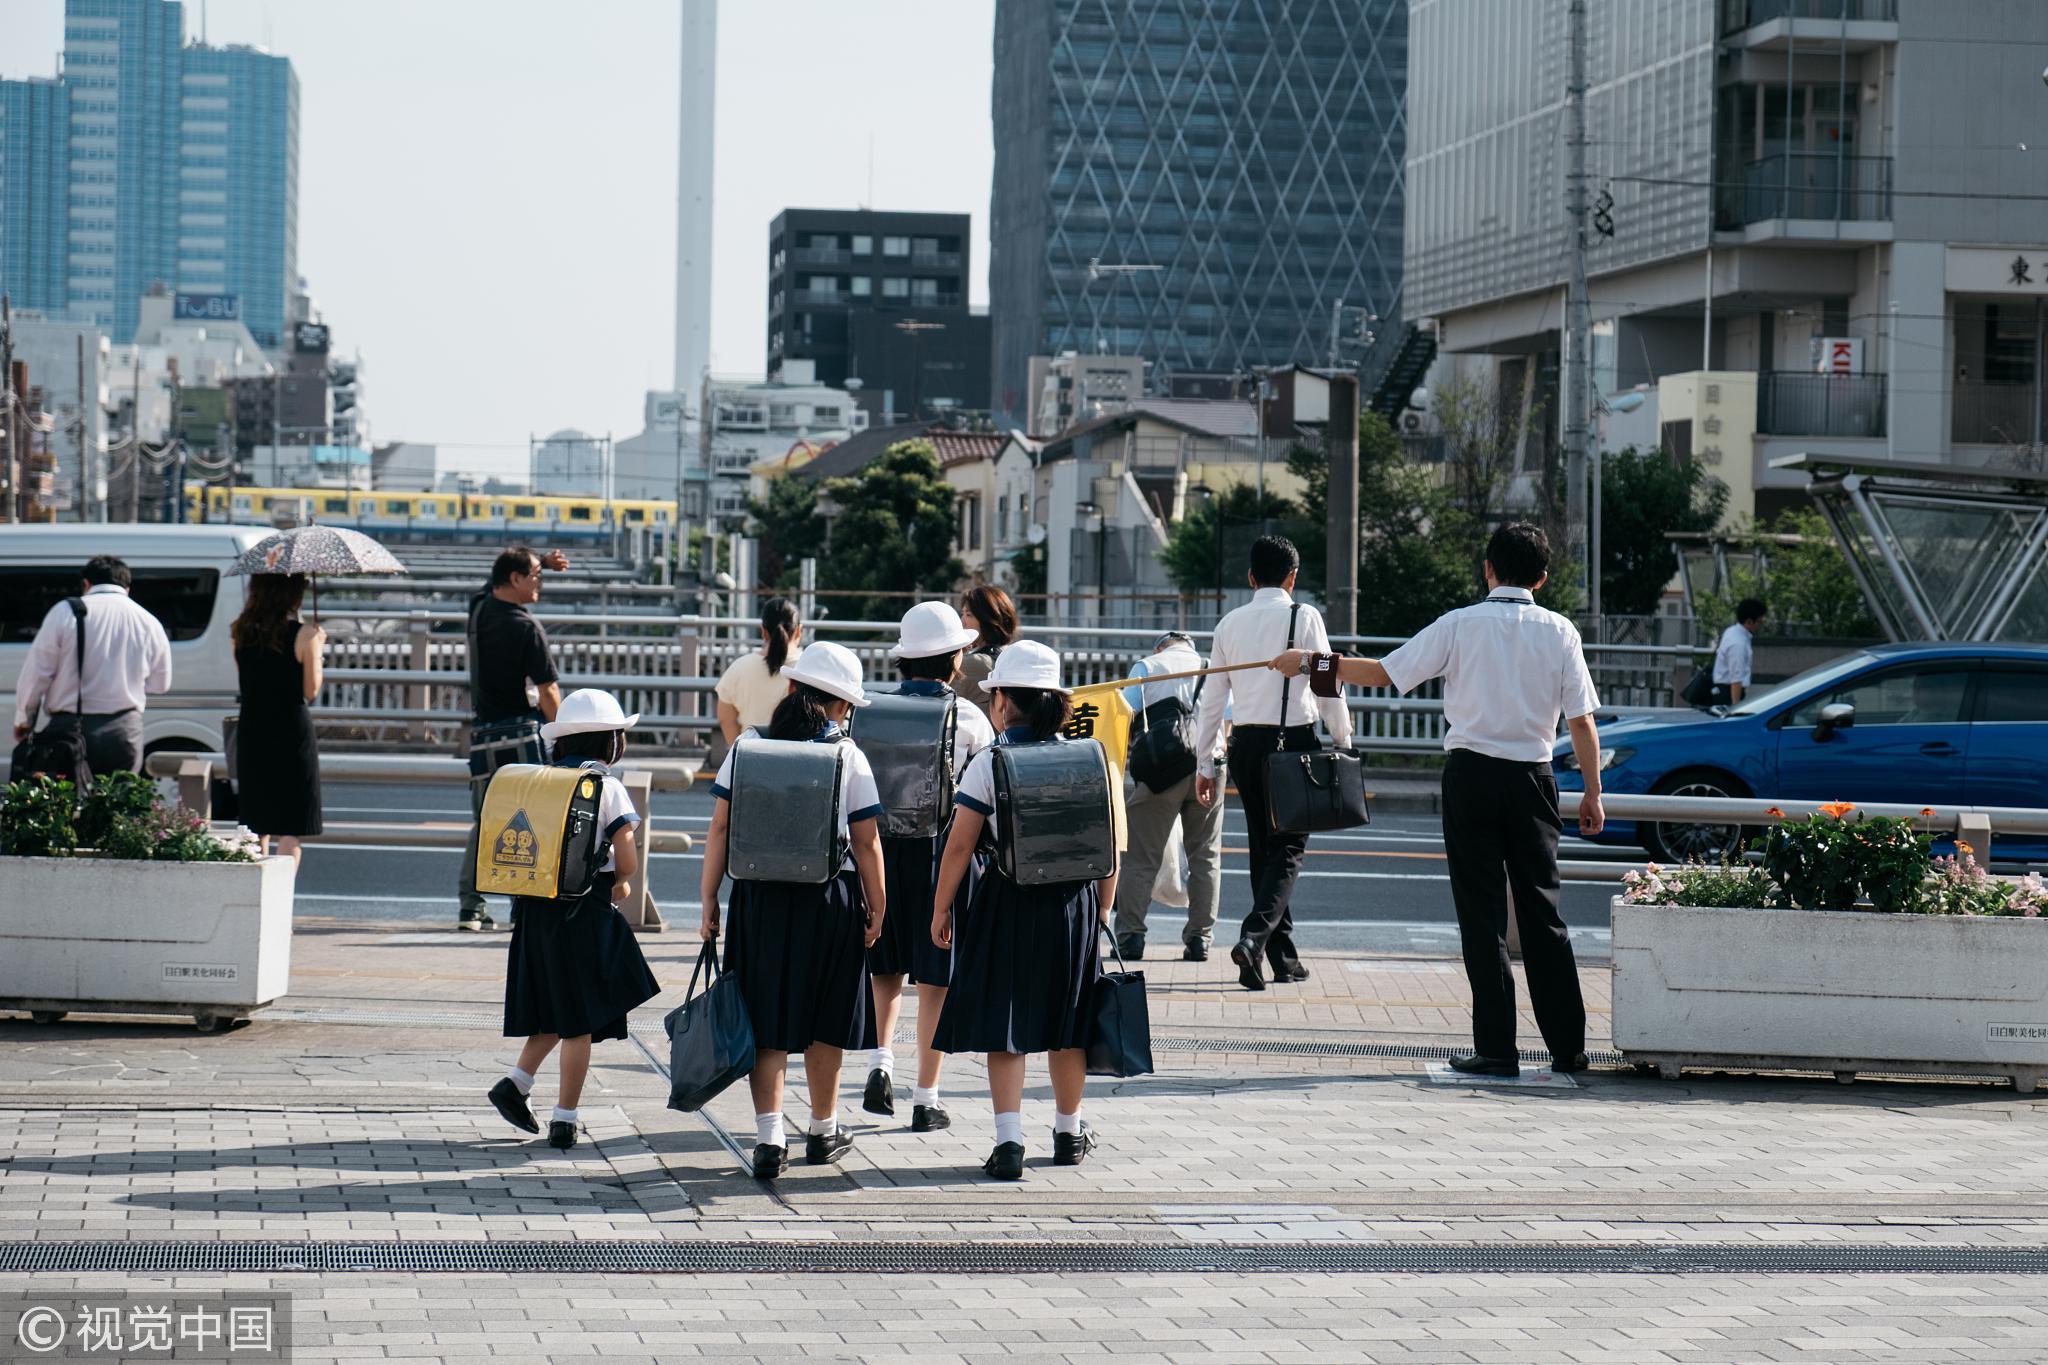 2018年7月,日本街头。日本的小学生是世界上最有辨识度的群体。 / 视觉中国